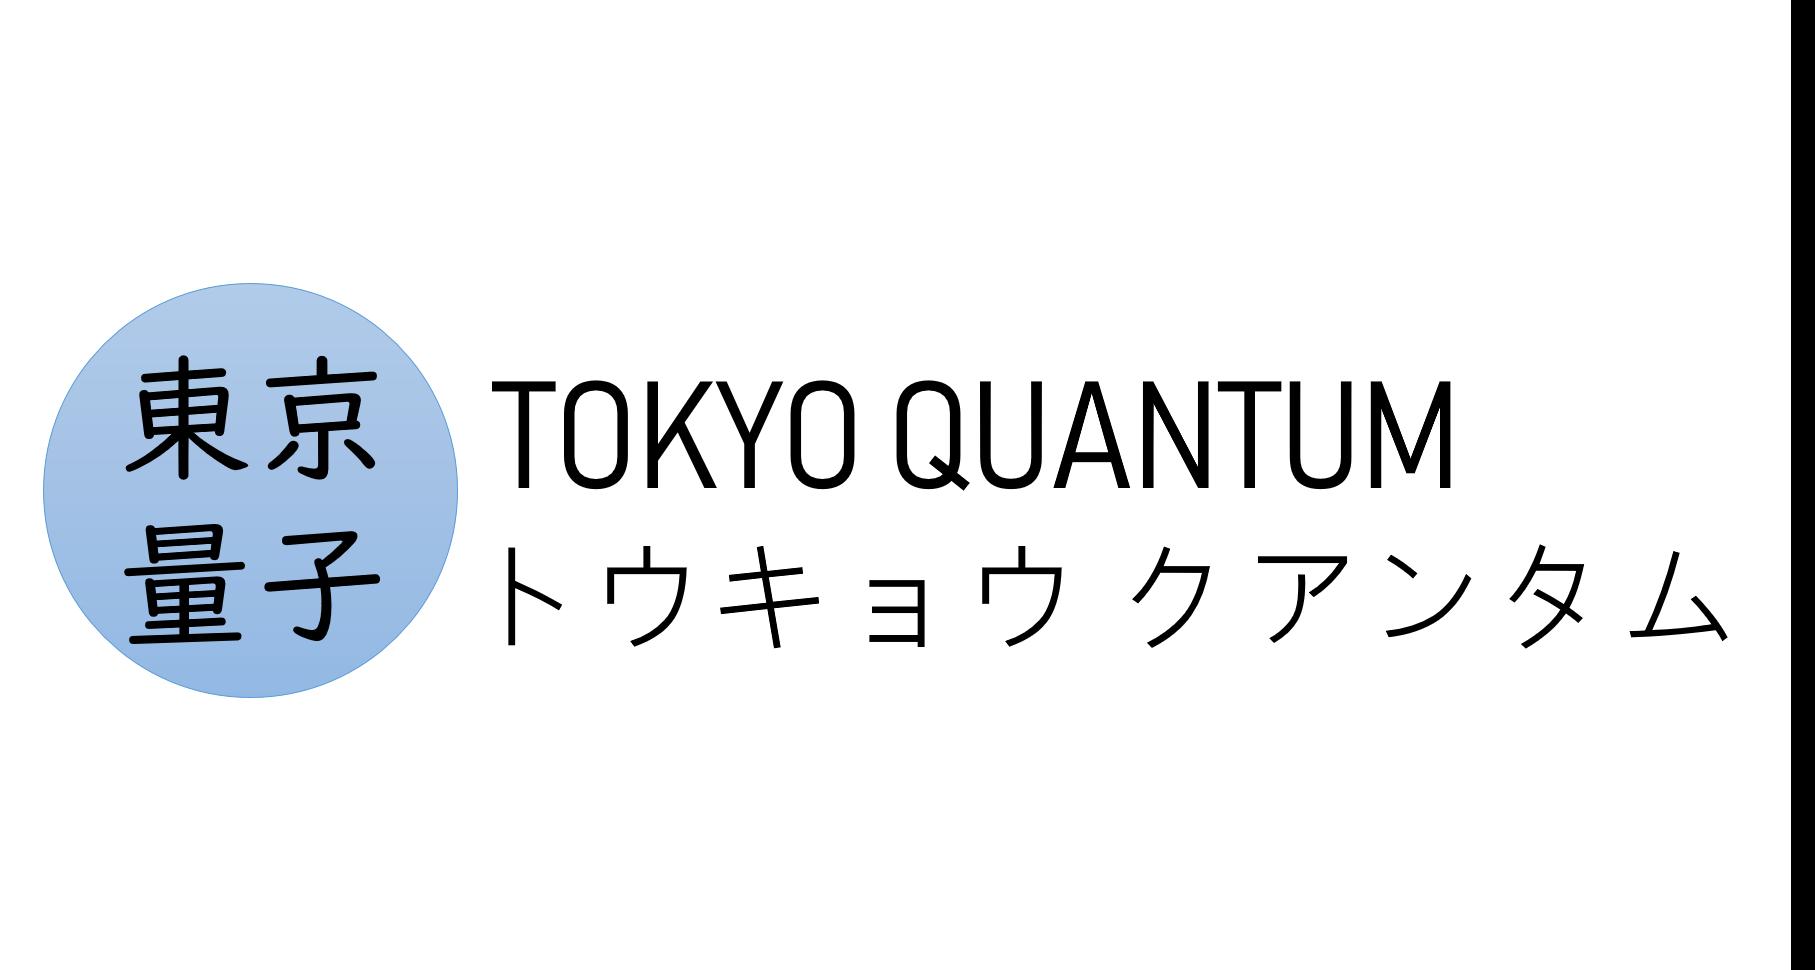 TOKYO QUANTUM